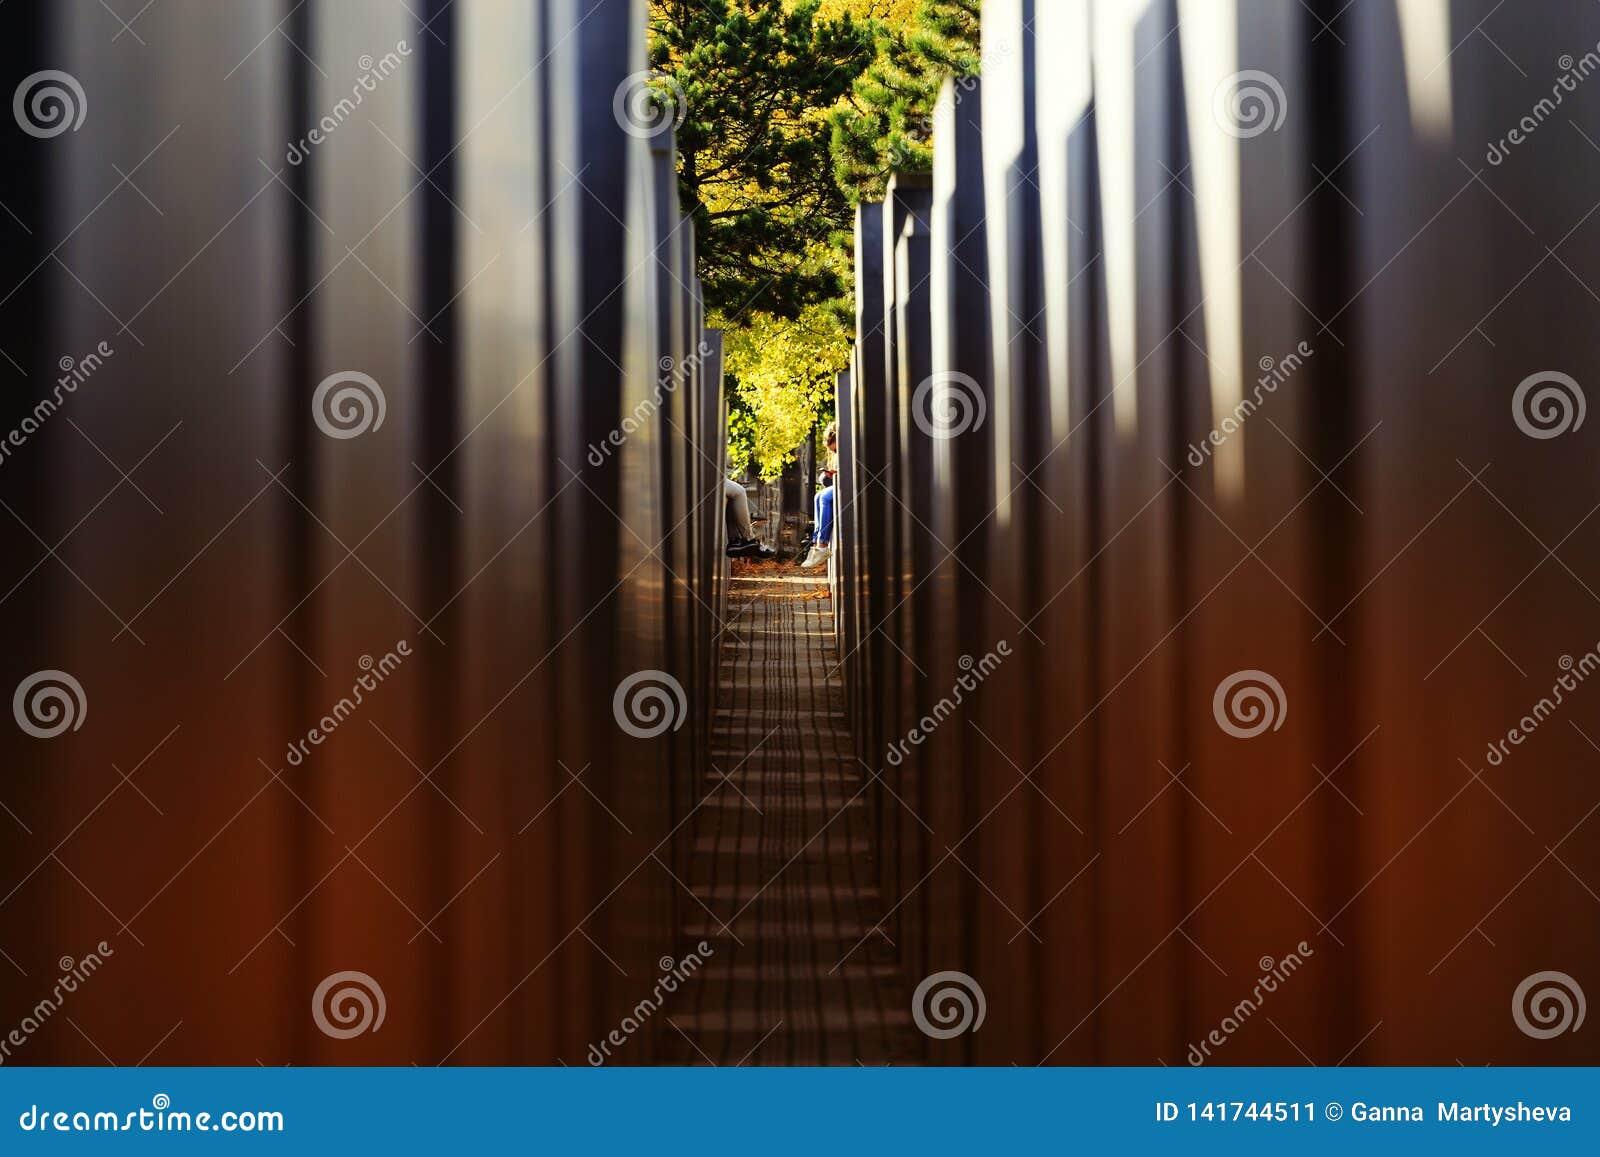 Берлин, Германия, мемориал, жертвы холокоста, туристы, архитектура, искусство, блок, Европа, фашизм, музей